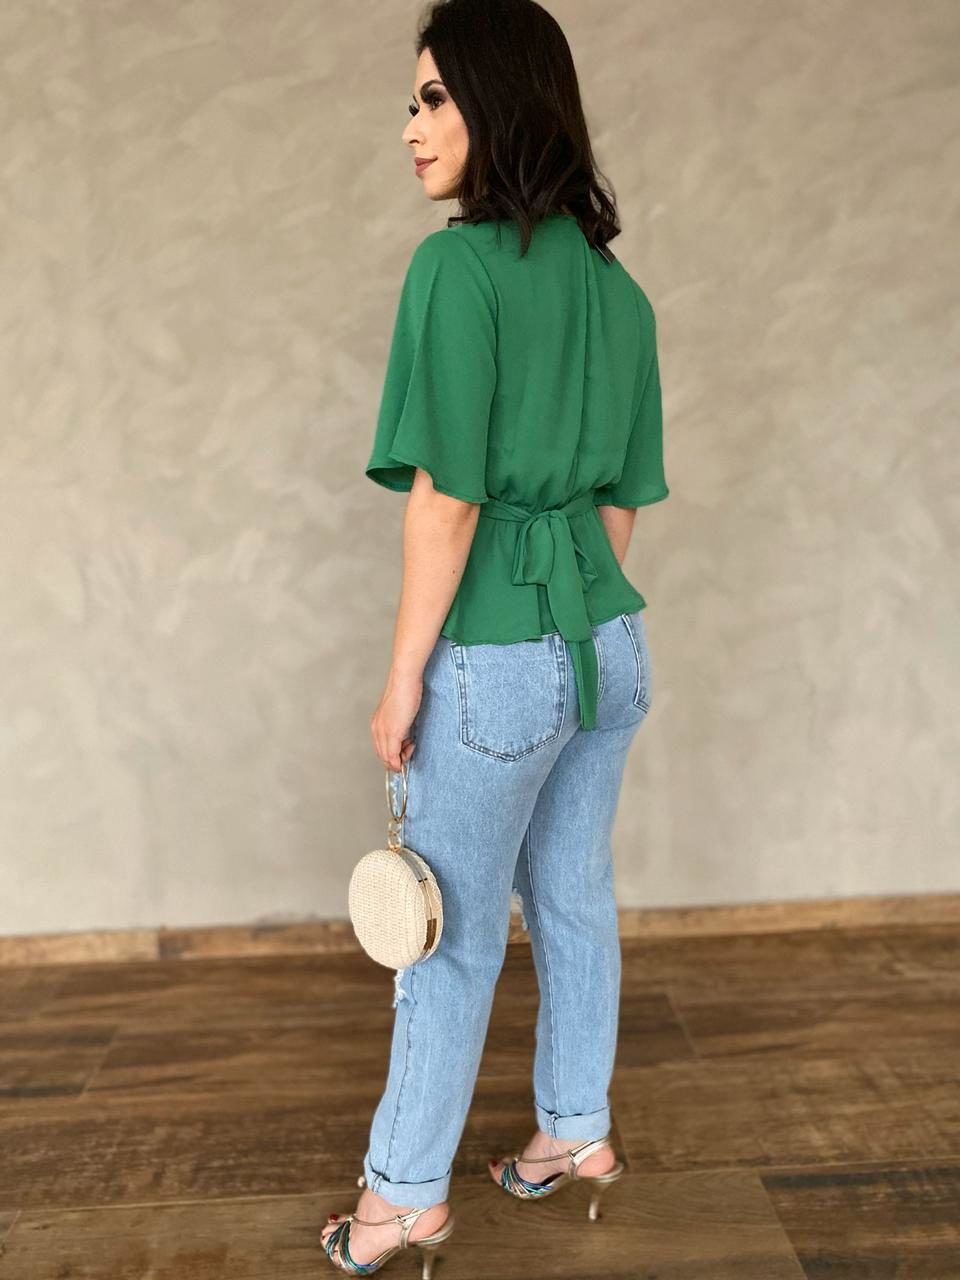 fernandaramosstore blusa meia manga com franzido e botoes 2